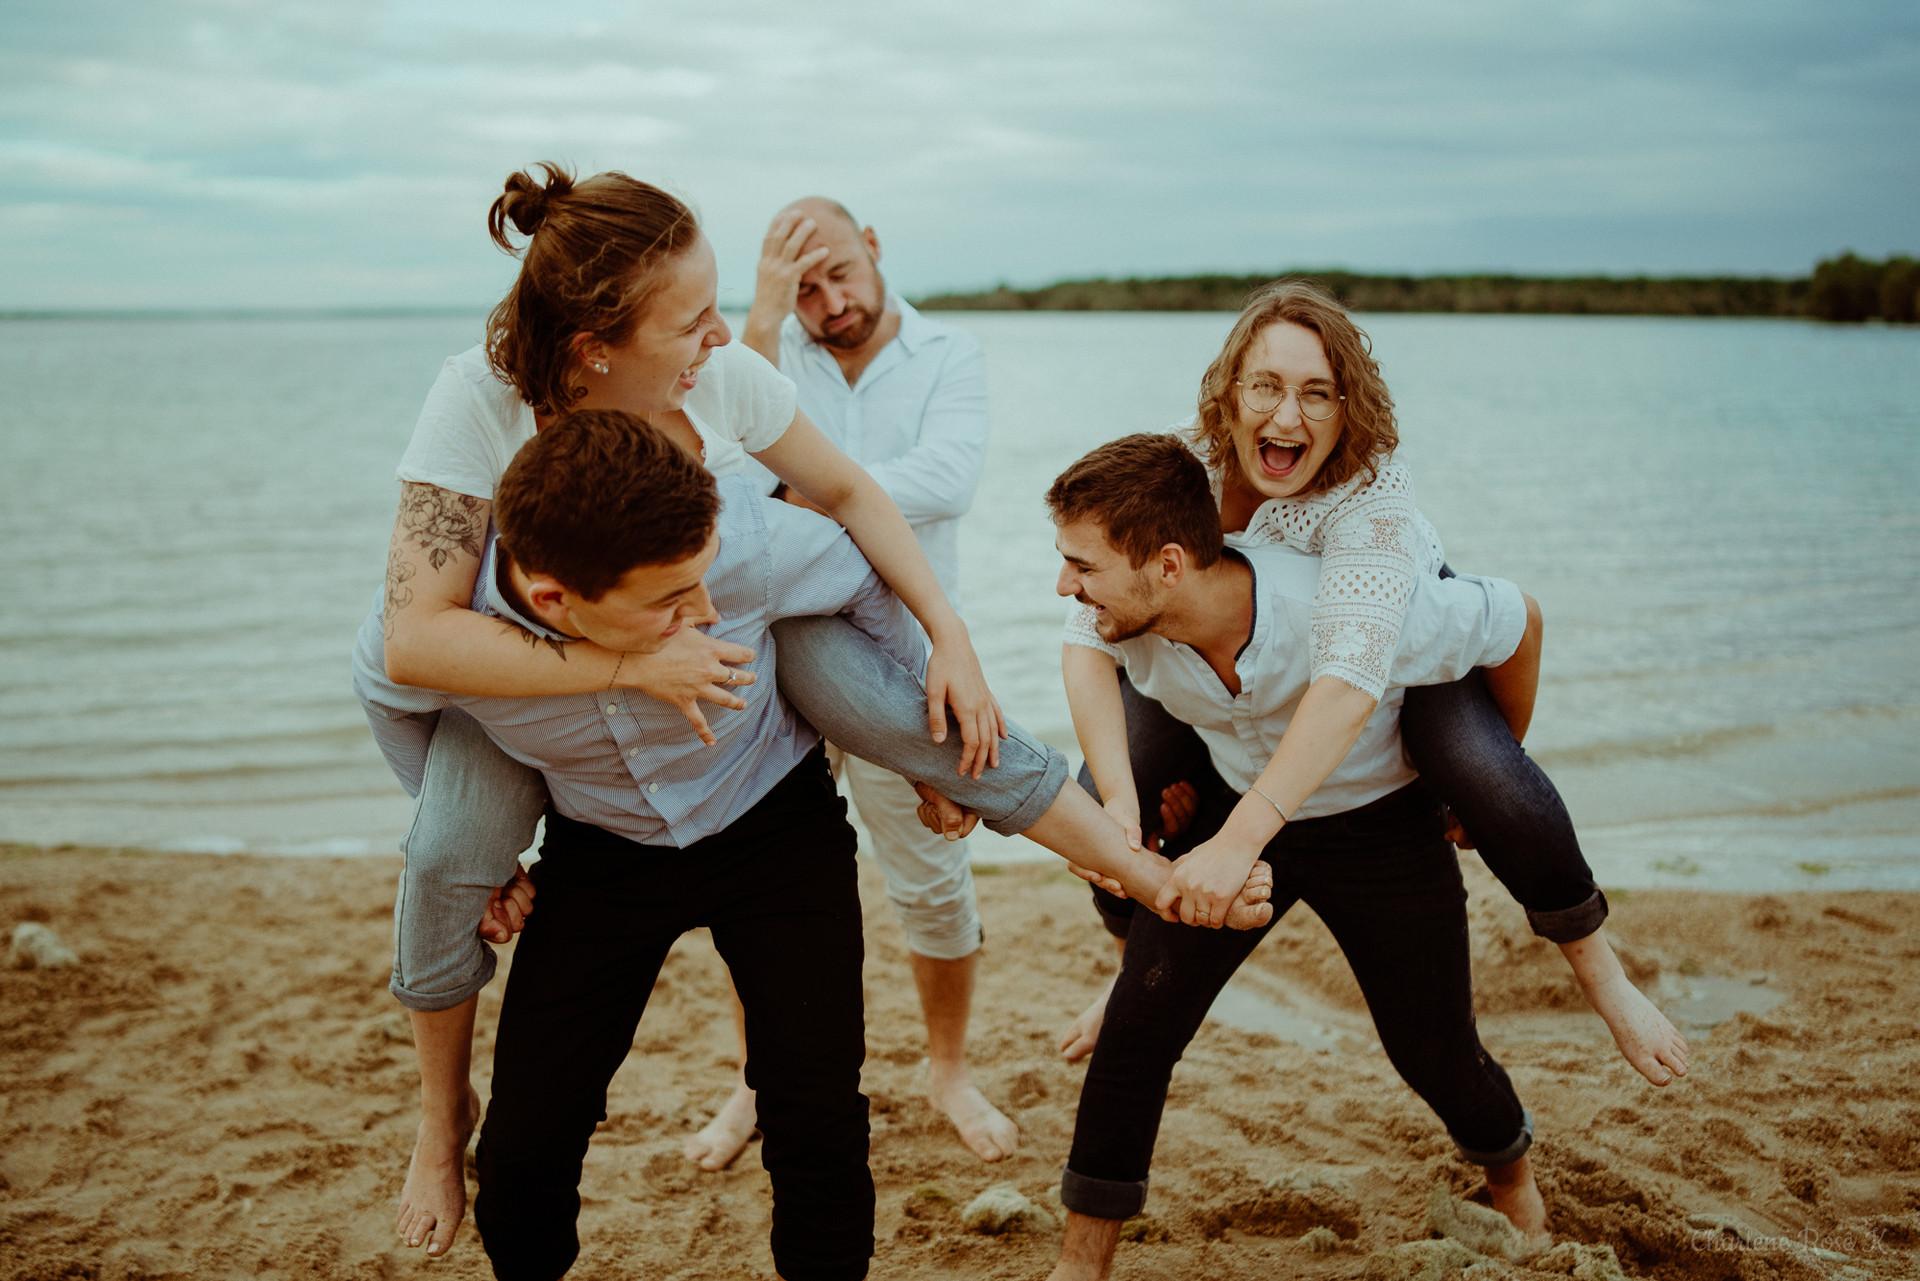 photographe-troyes-famille-enfants-exterieur-crk-13